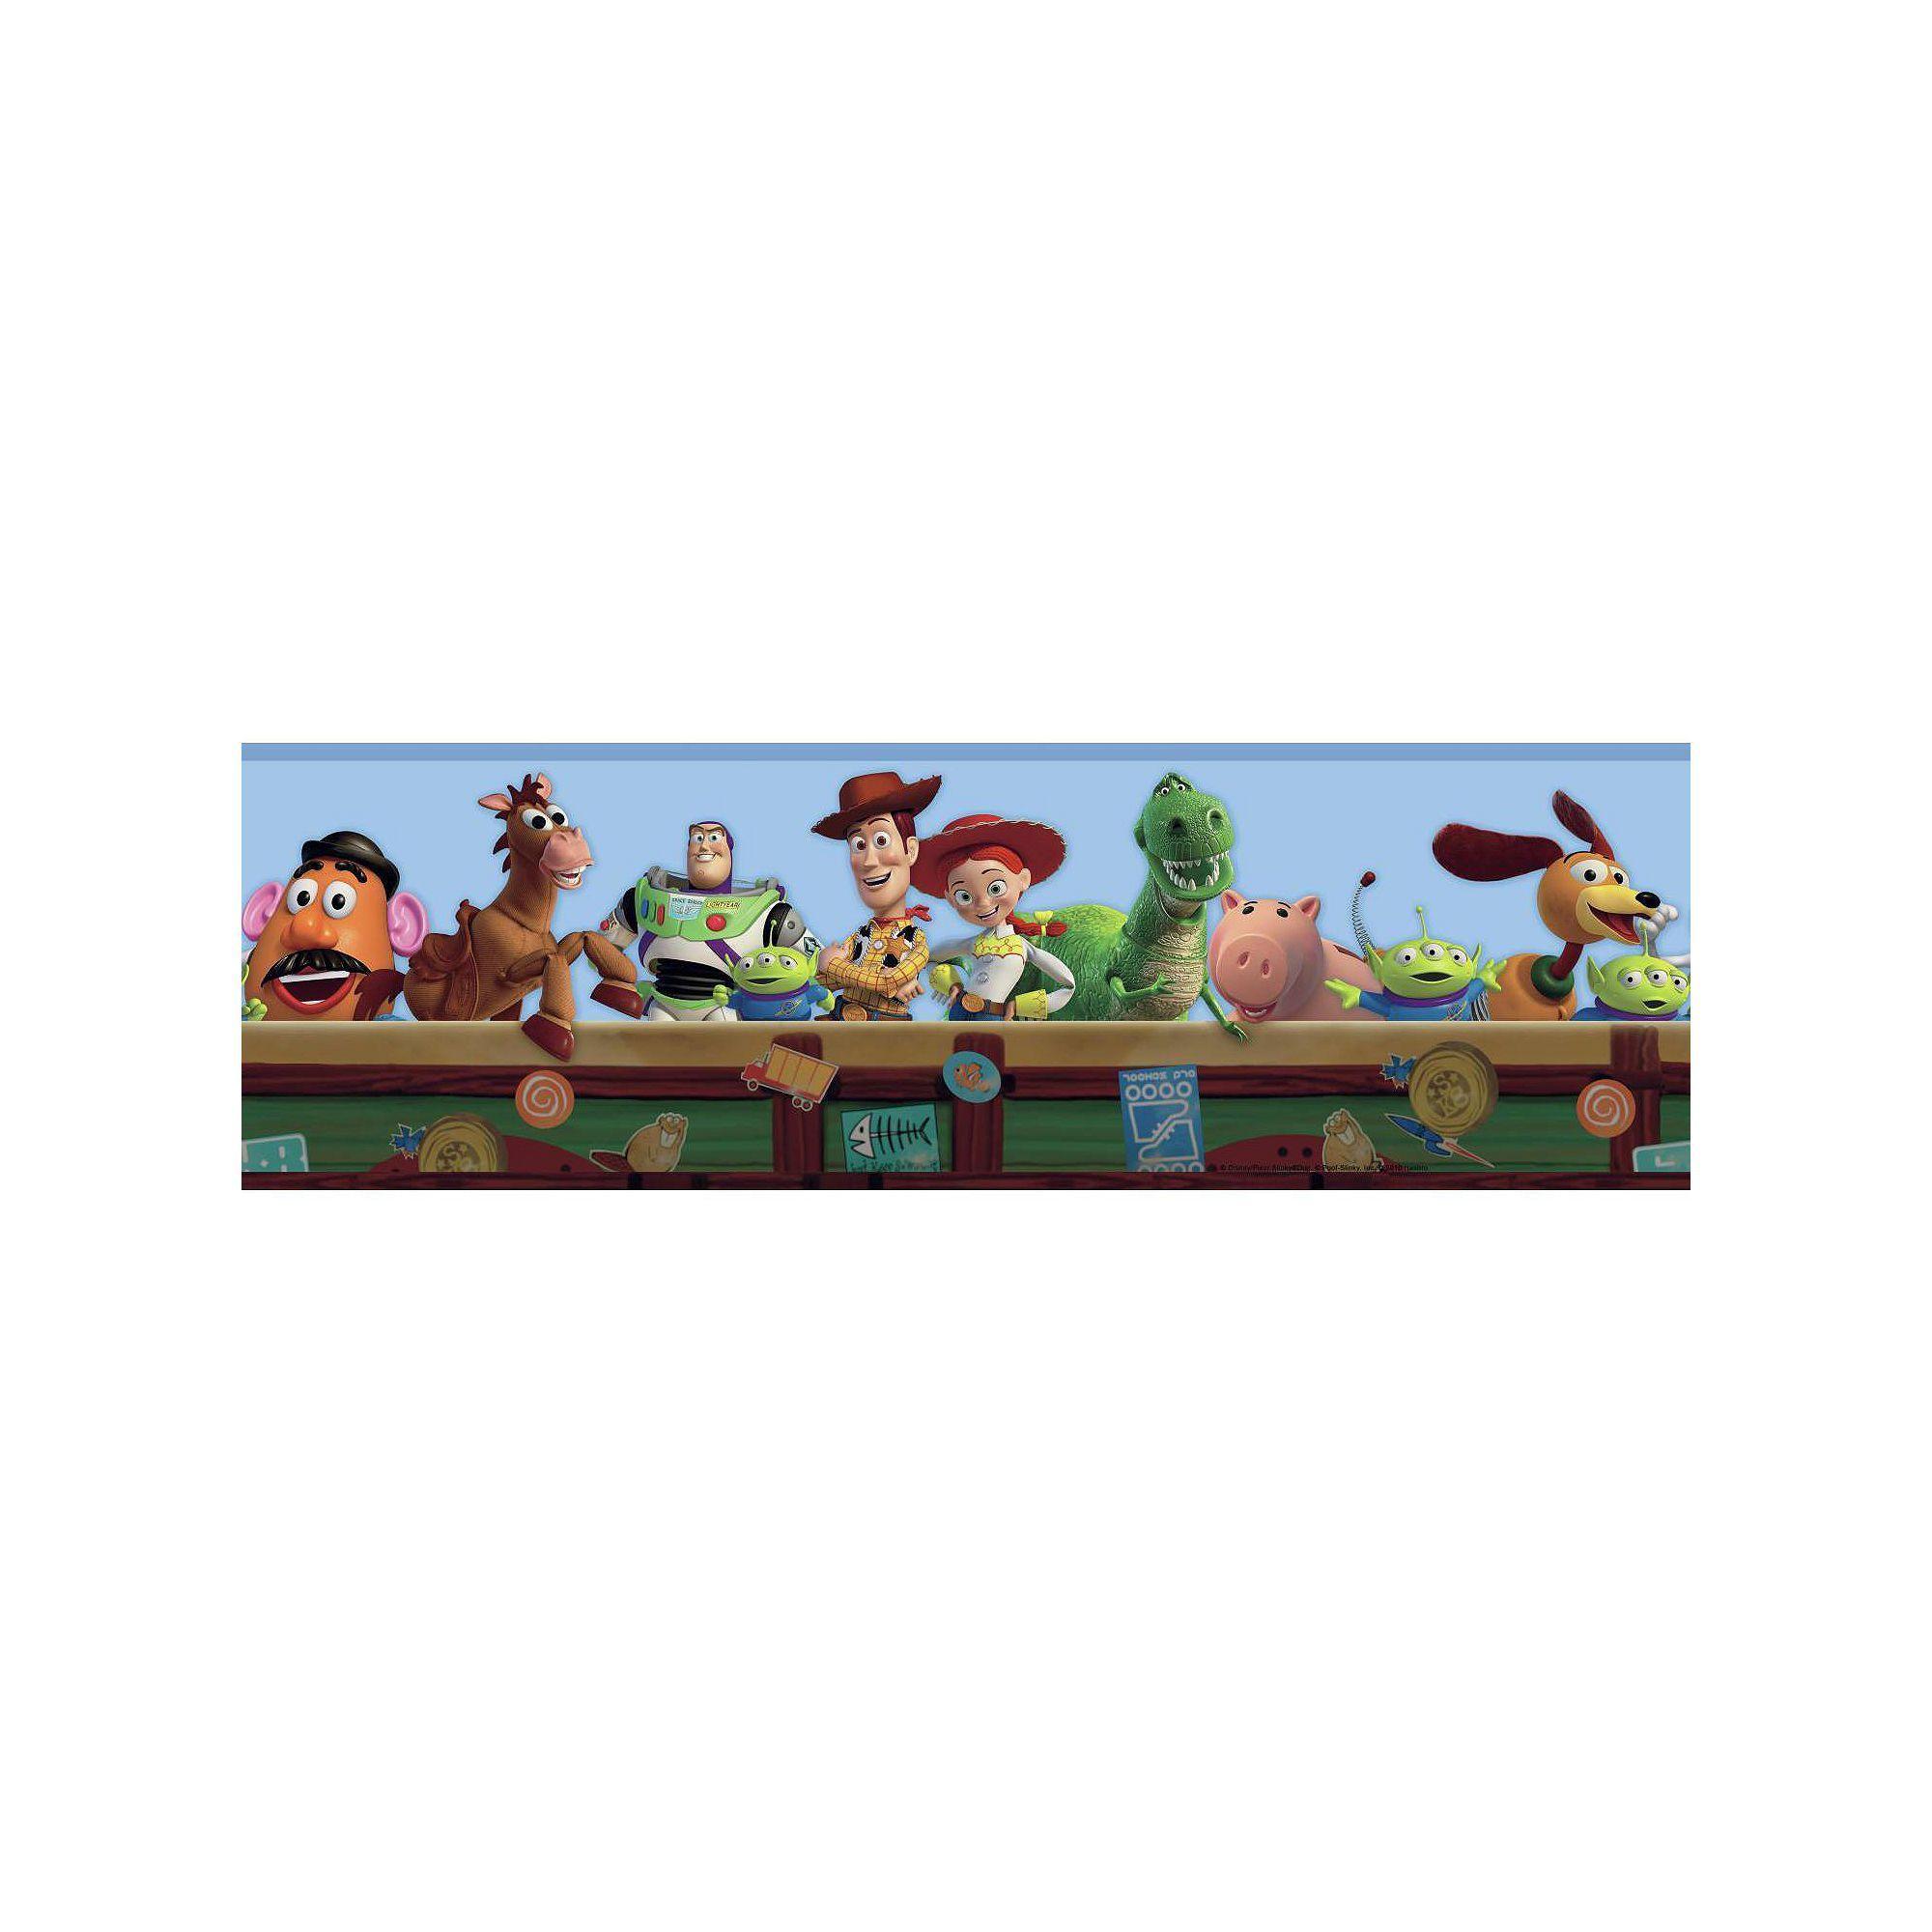 Disney / Pixar Toy Story Toy Chest Wall Border Walt